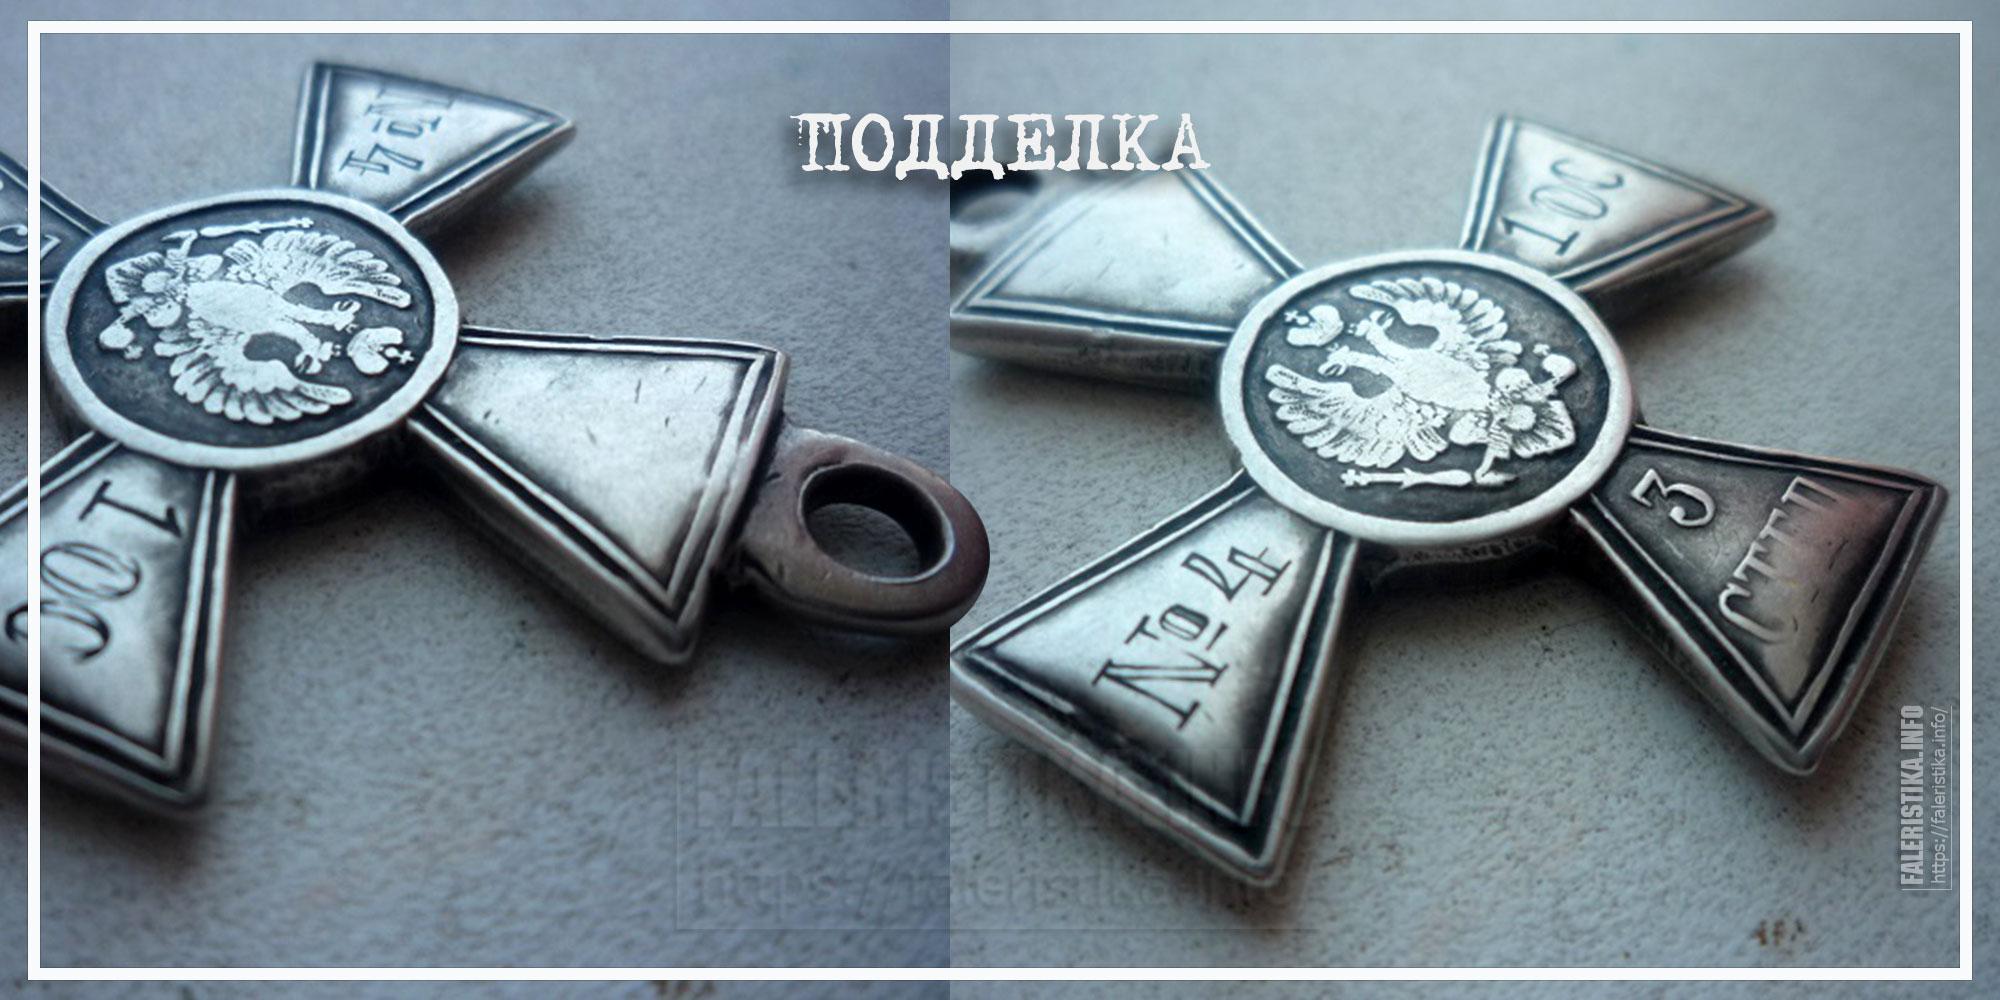 Георгиевский крест 3 ст. №4.100 (для иноверцев, копия) Вес 13,2 г.